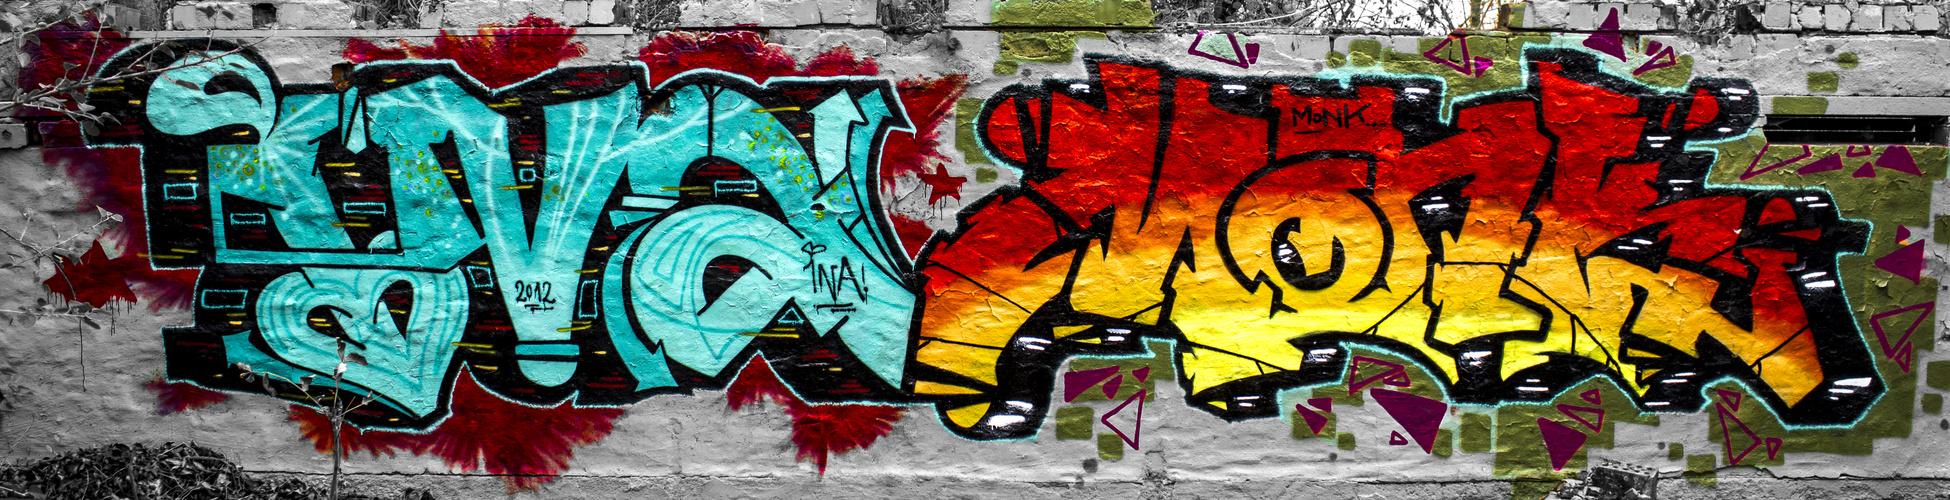 Graffiti an der Papiermühle 01